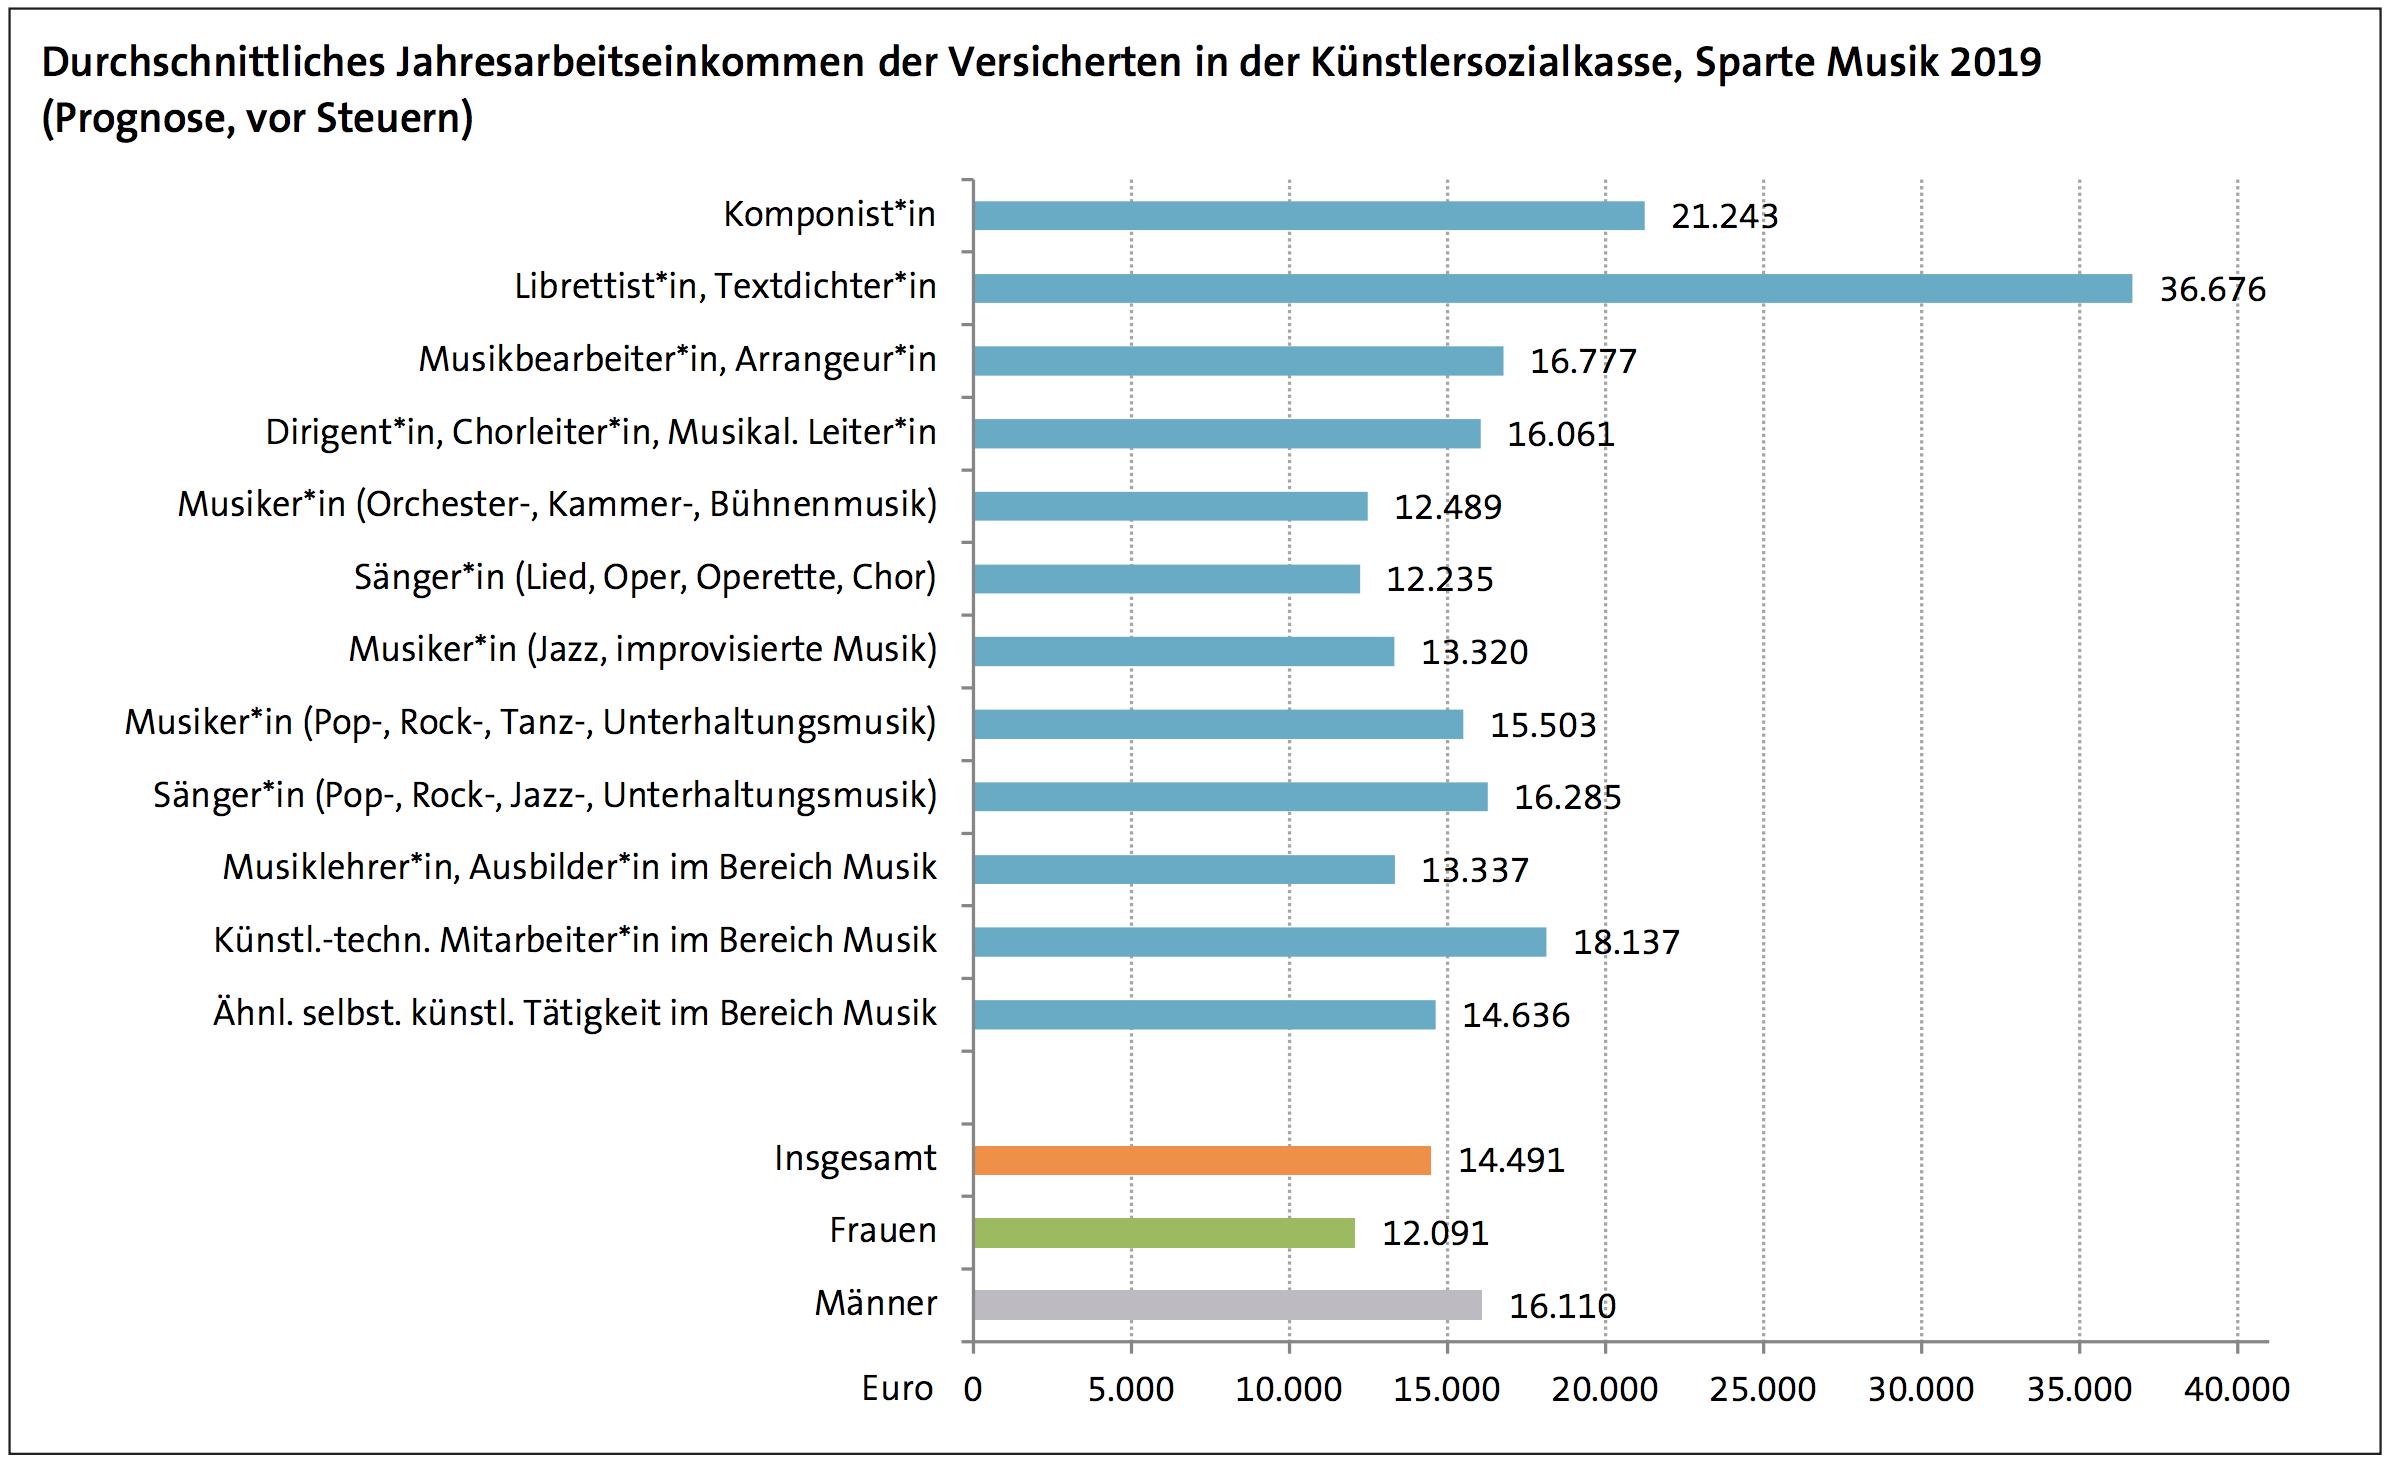 Quelle Freiberuflich Tätige in der Sparte Musik nach Durchschnittseinkommen und Tätigkeitsbereich ©Deutsches Musikinformationszentrum 9/2019